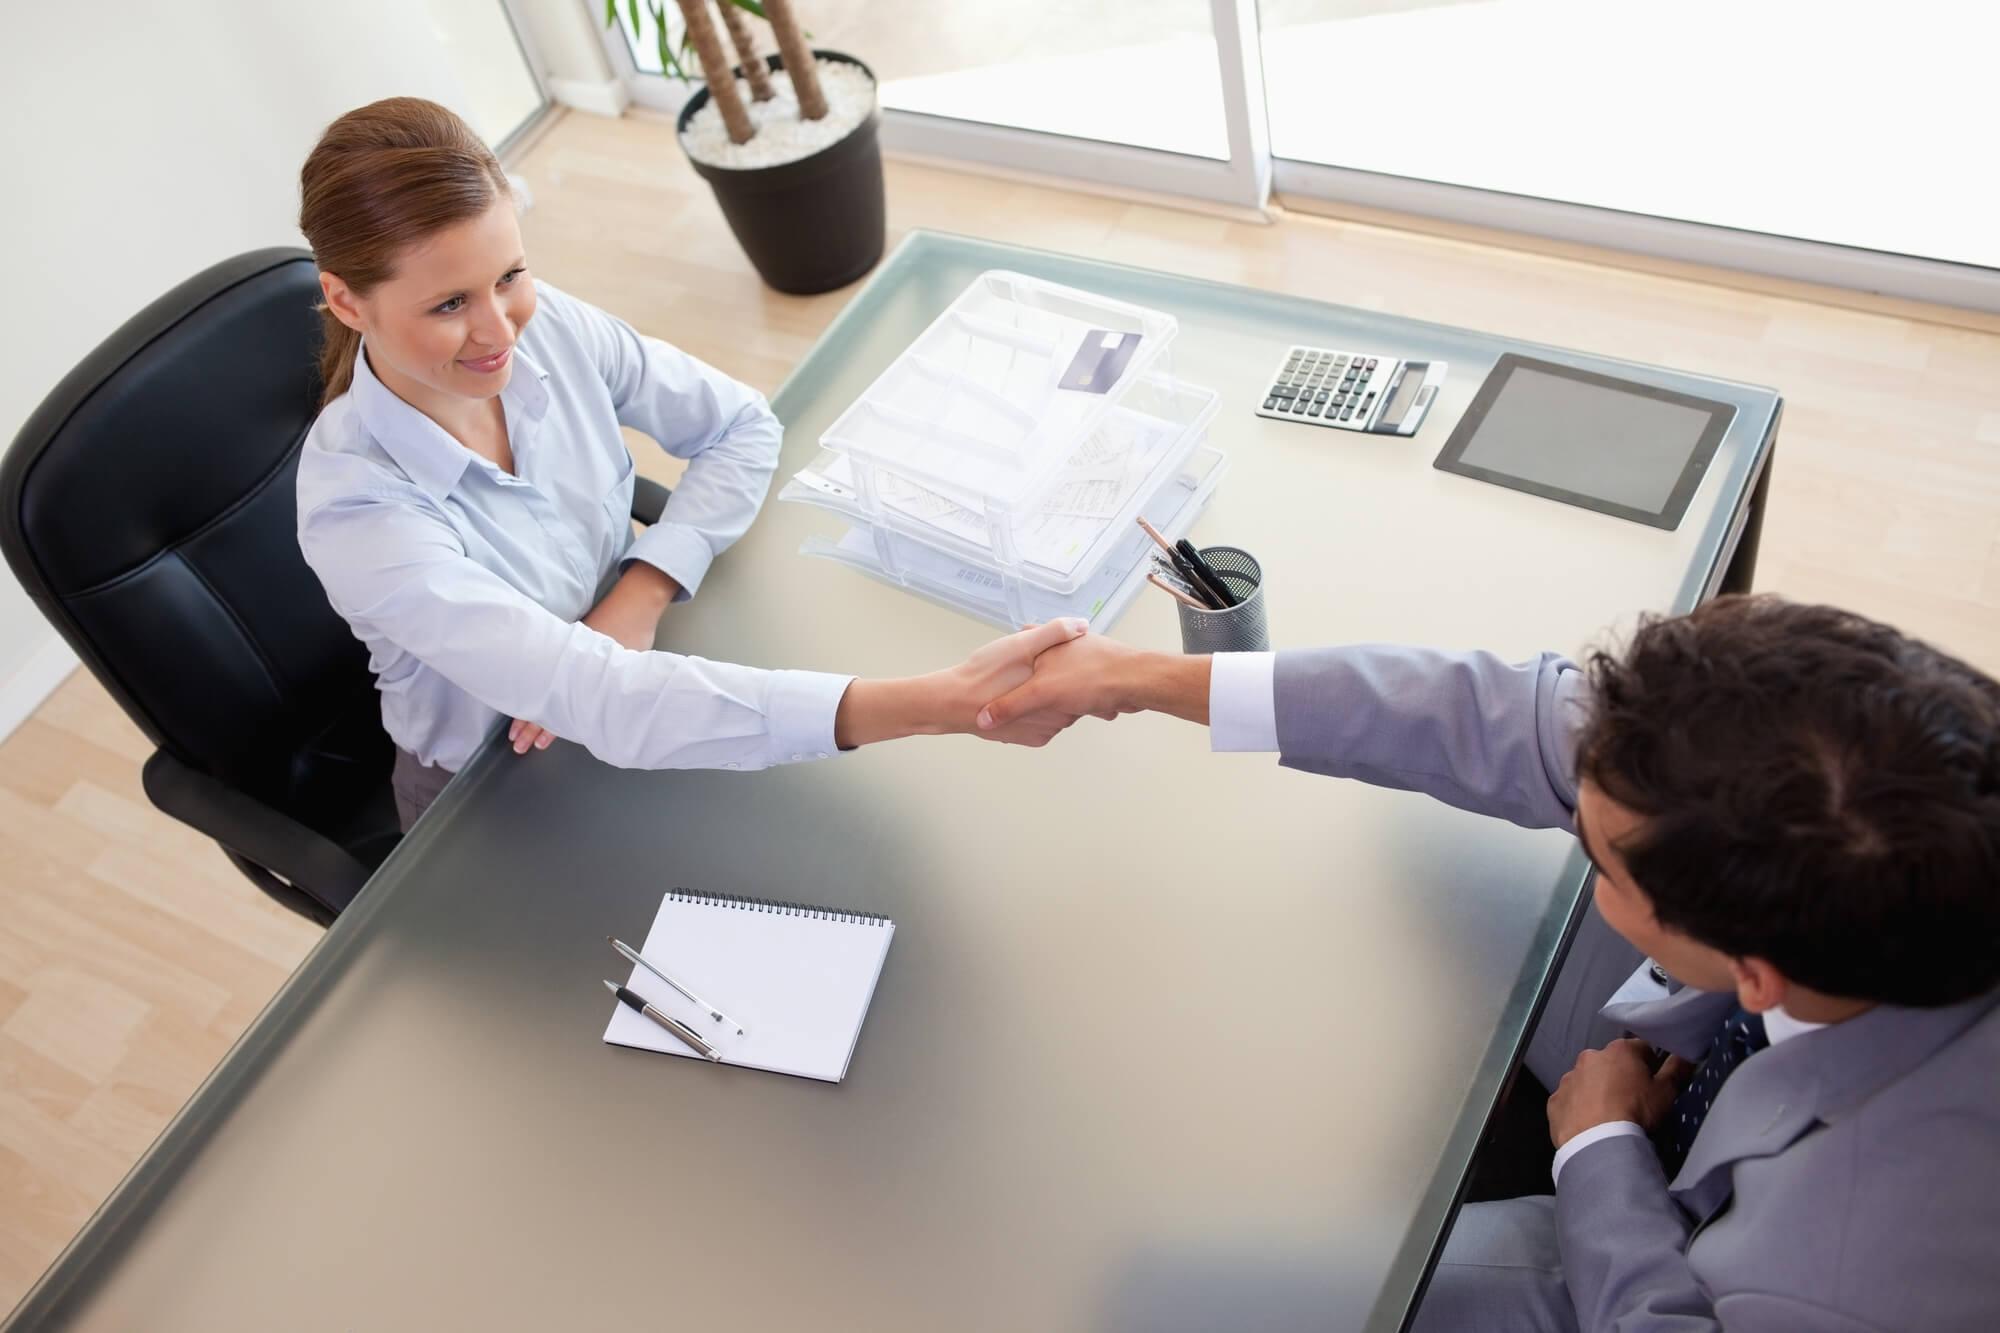 как пройти собеседование на вакансию юриста время оно должно